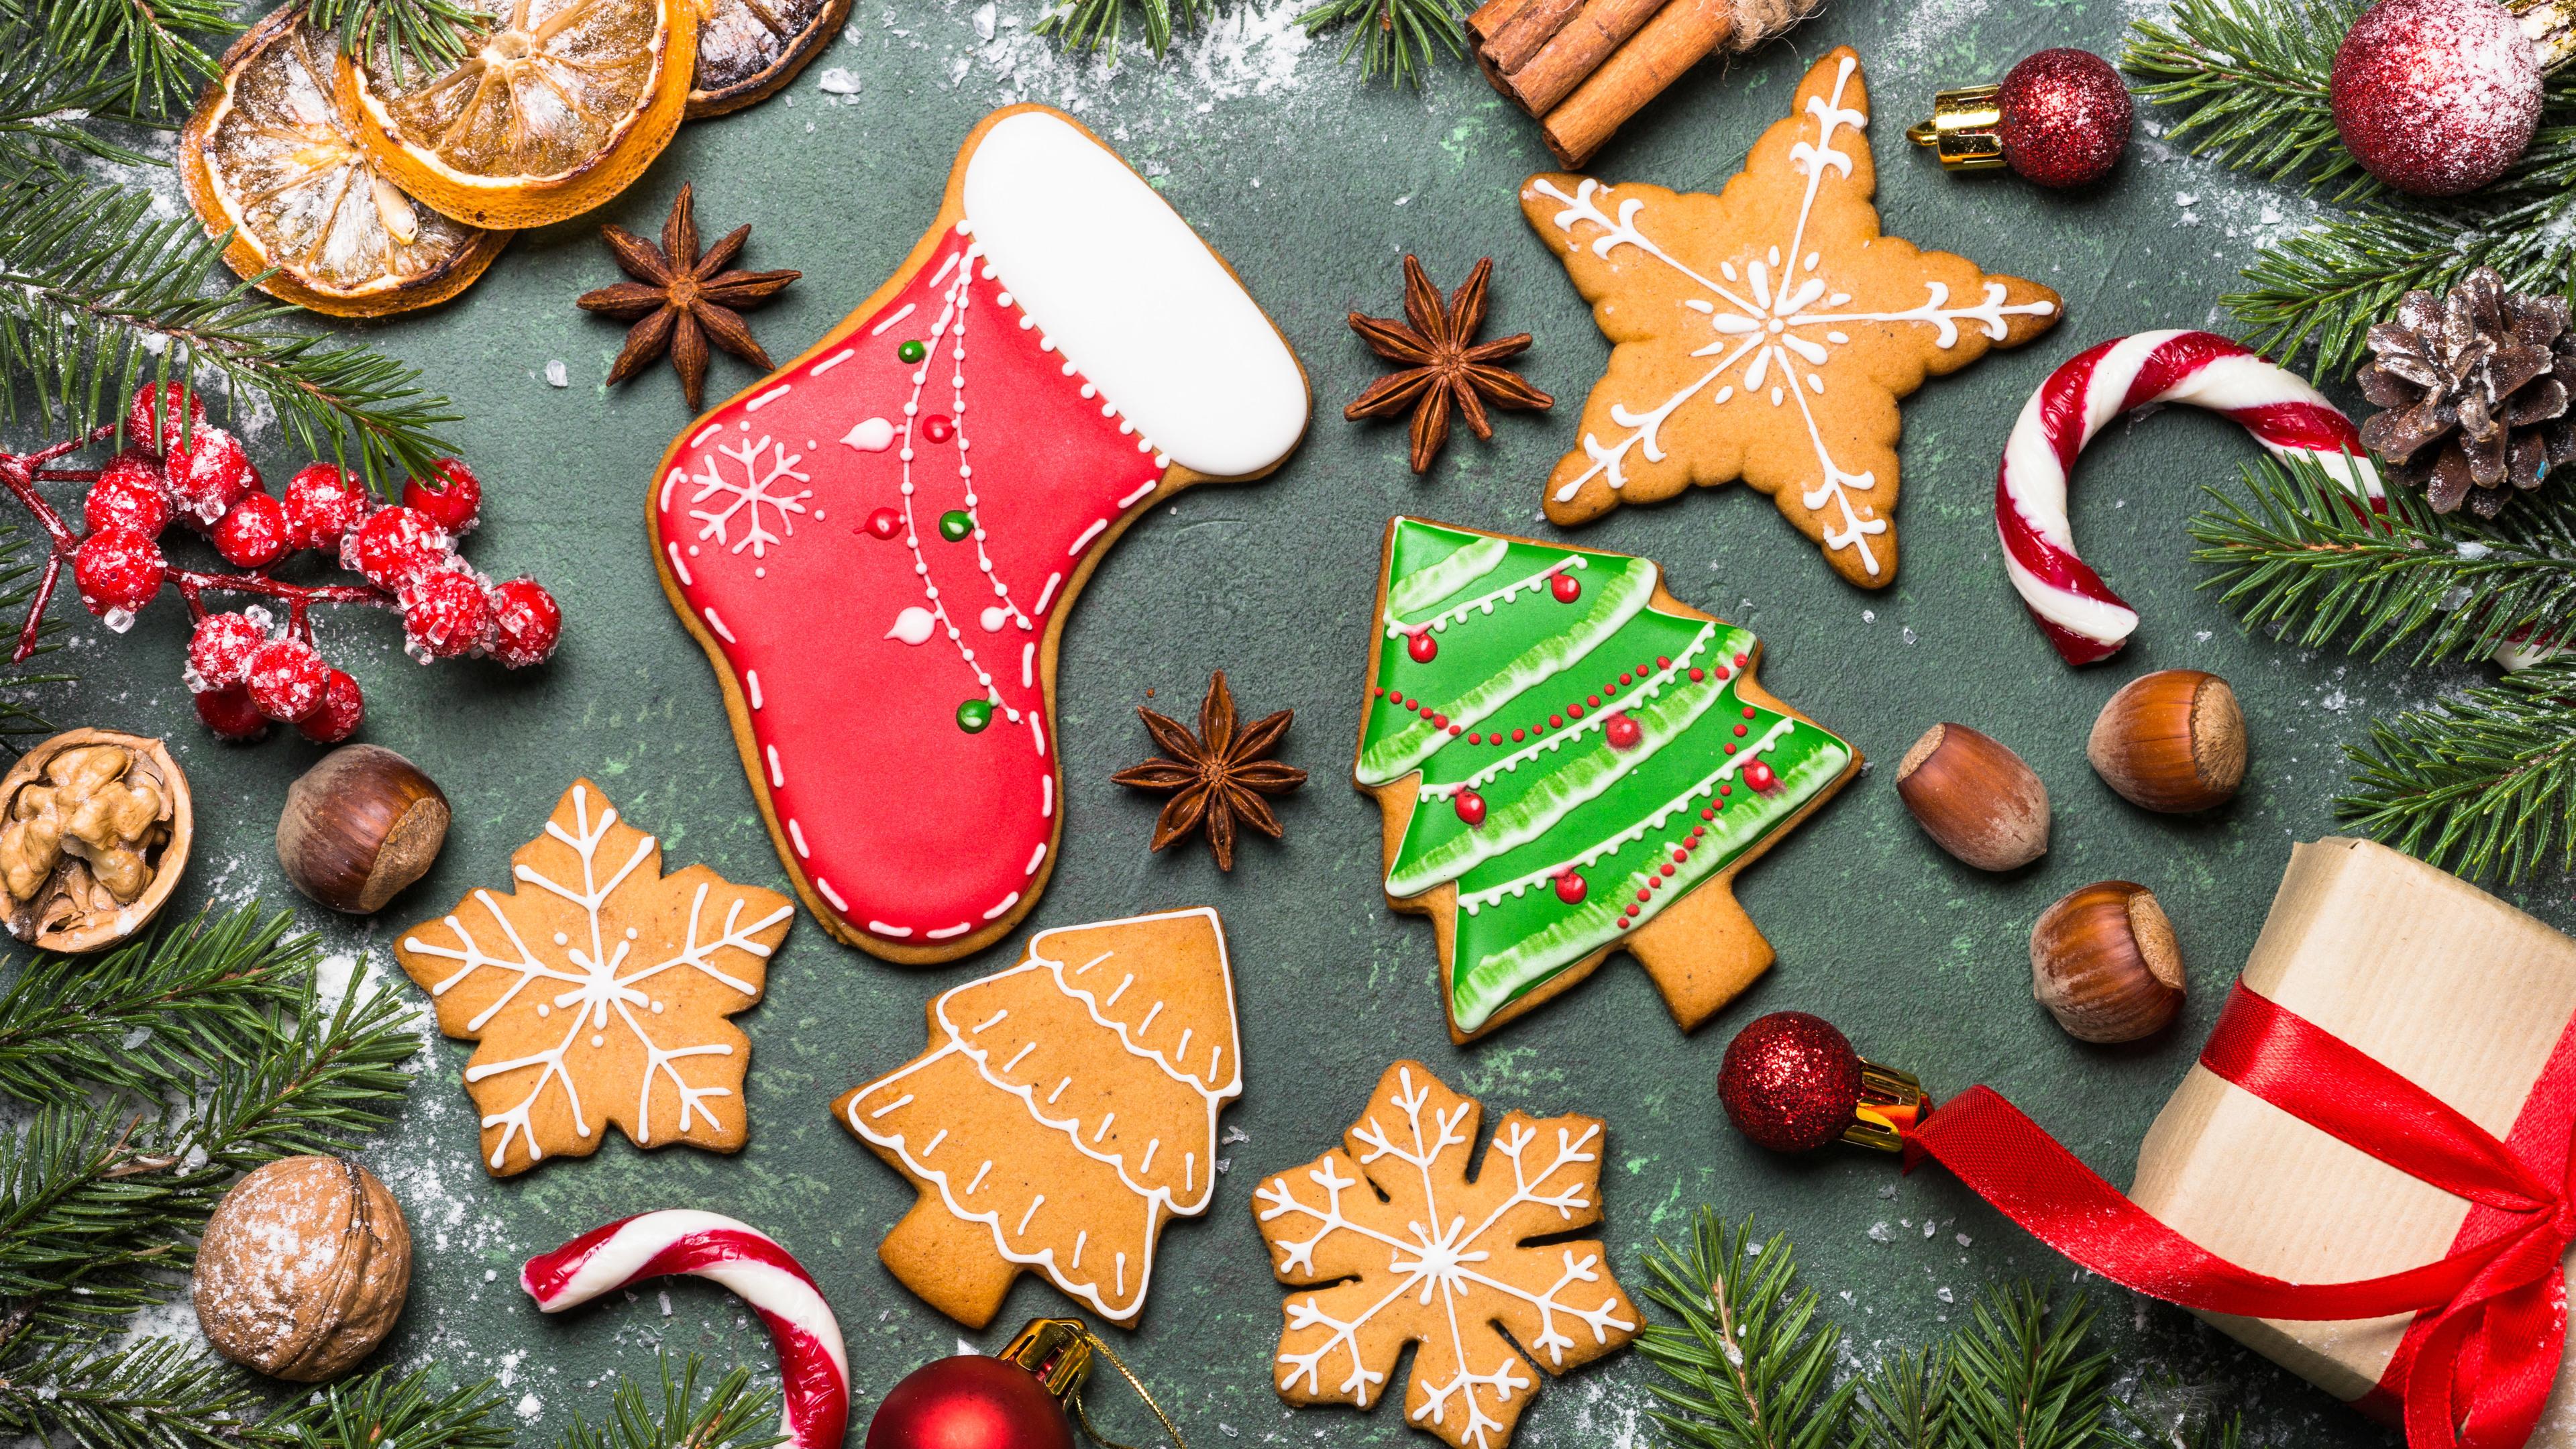 Christmas Wallpaper 4k.Wallpaper 4k Christmas Bakery 4k 4k Wallpapers 5k